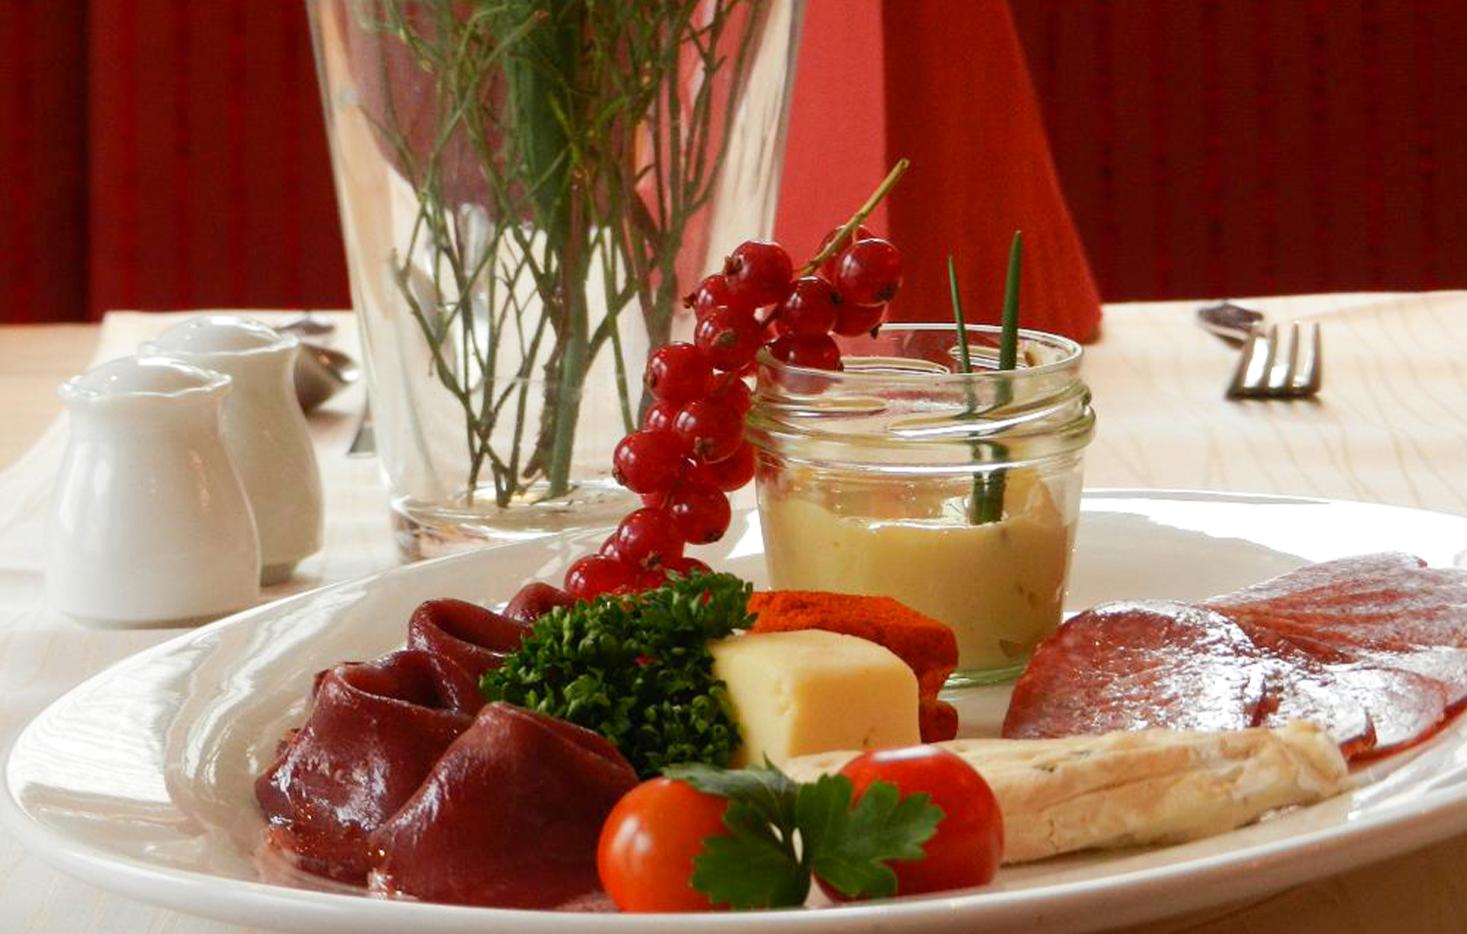 kabarett-dinner-dresden-bg4